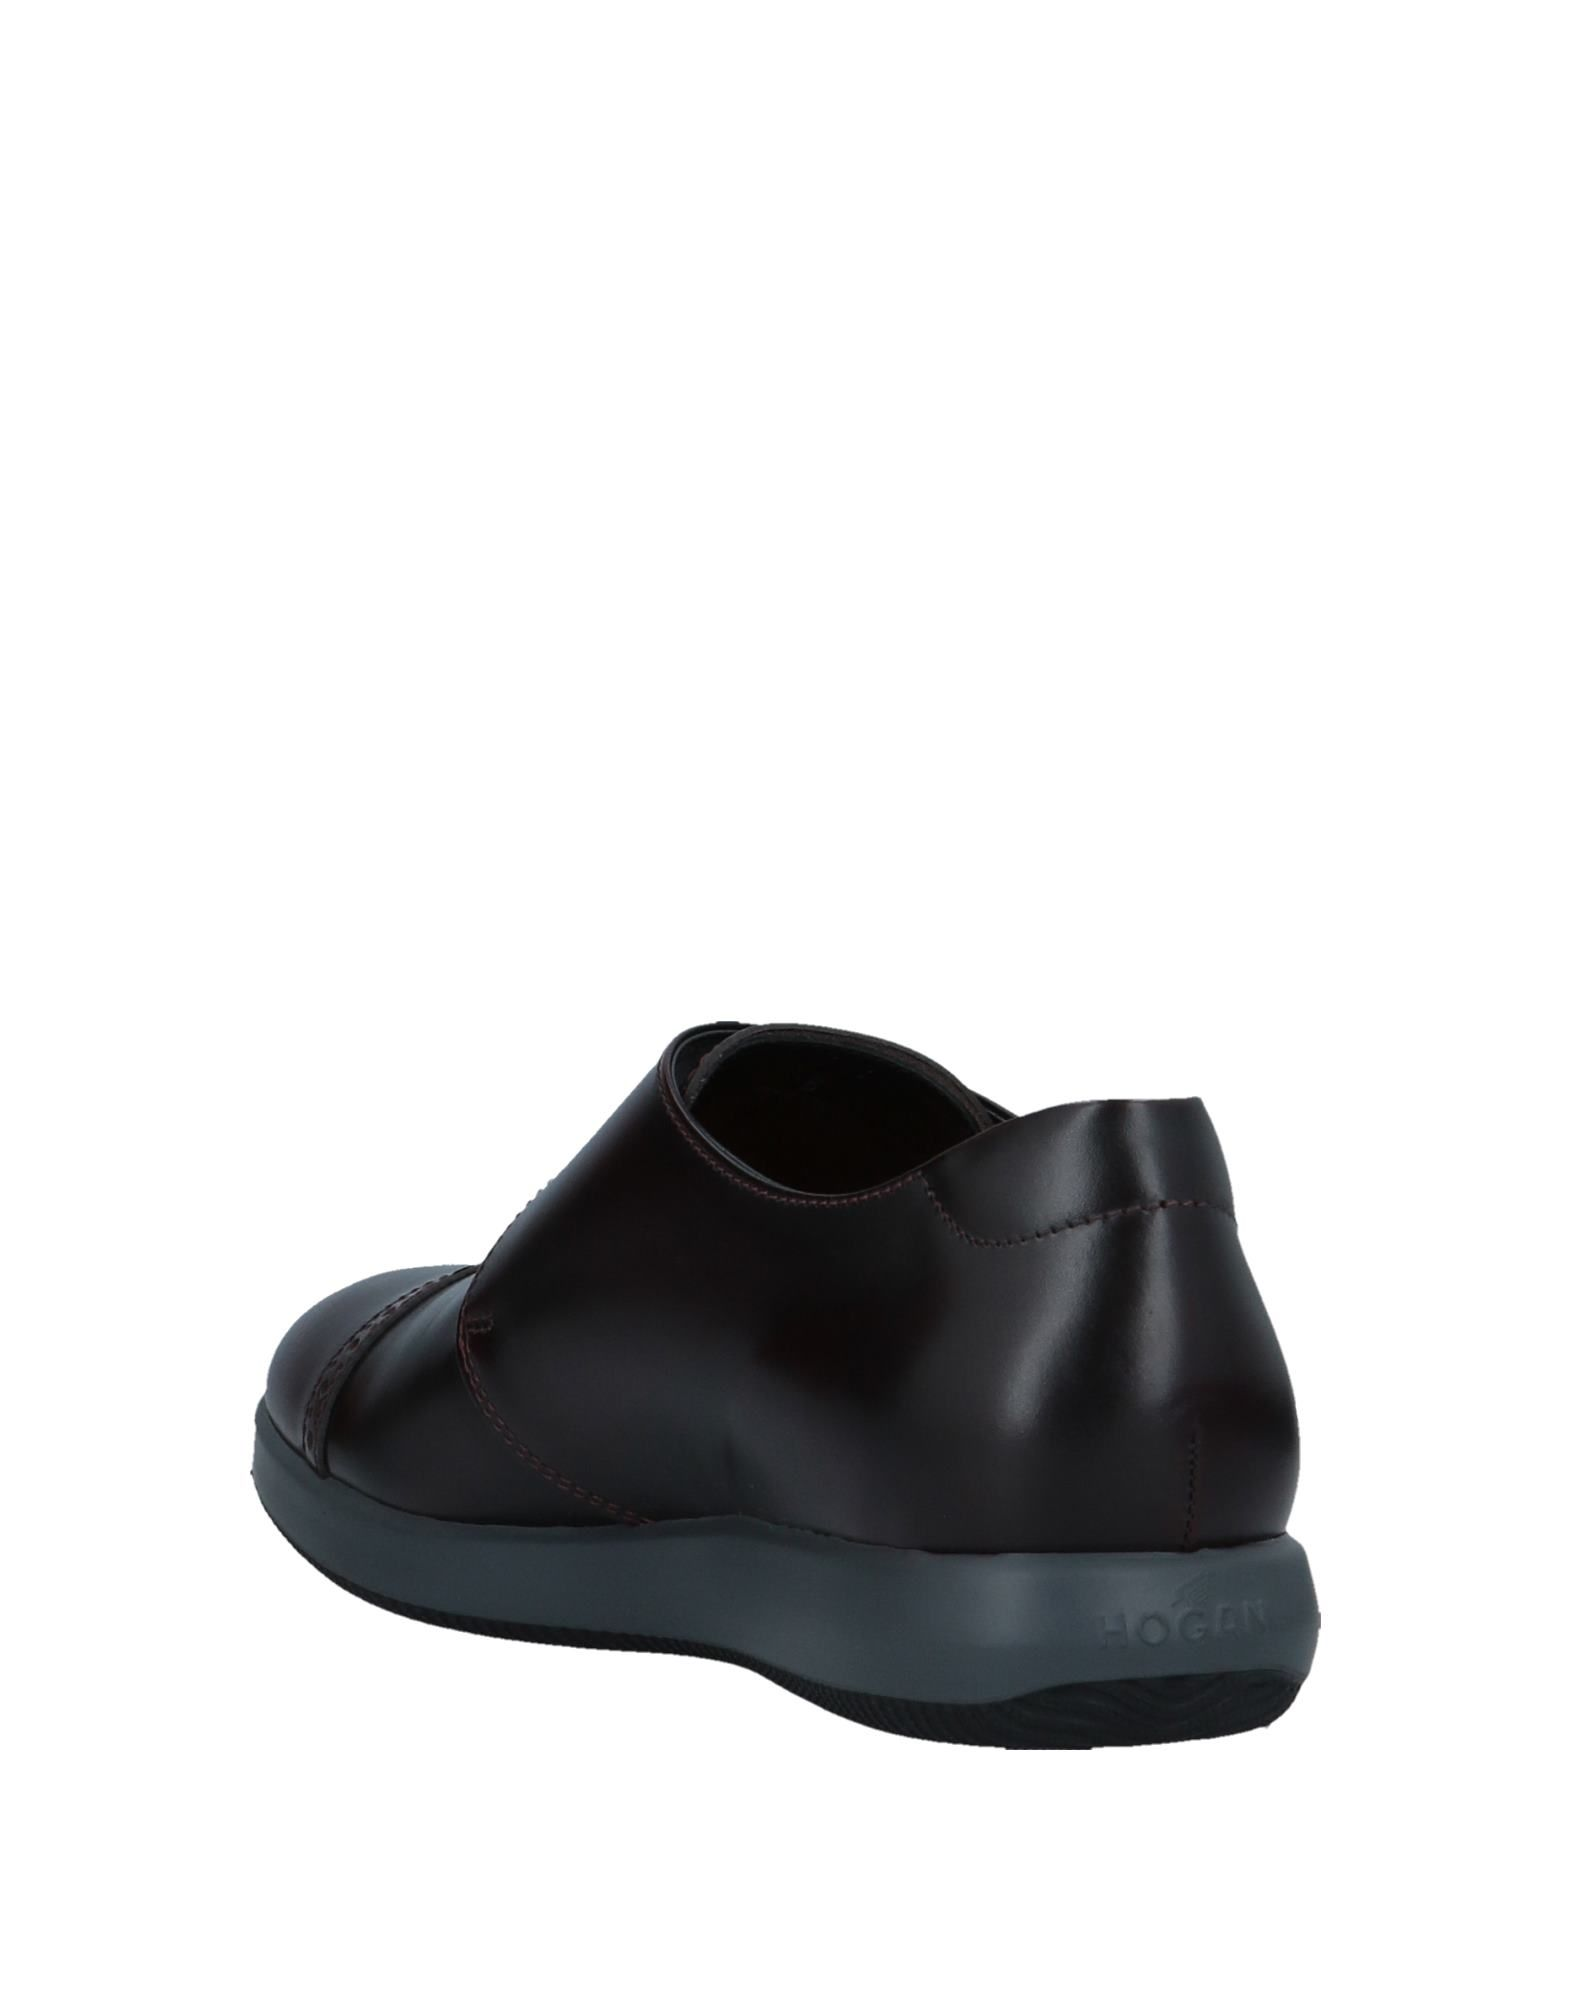 Hogan Gute Mokassins Herren  11540657WO Gute Hogan Qualität beliebte Schuhe 7206b5